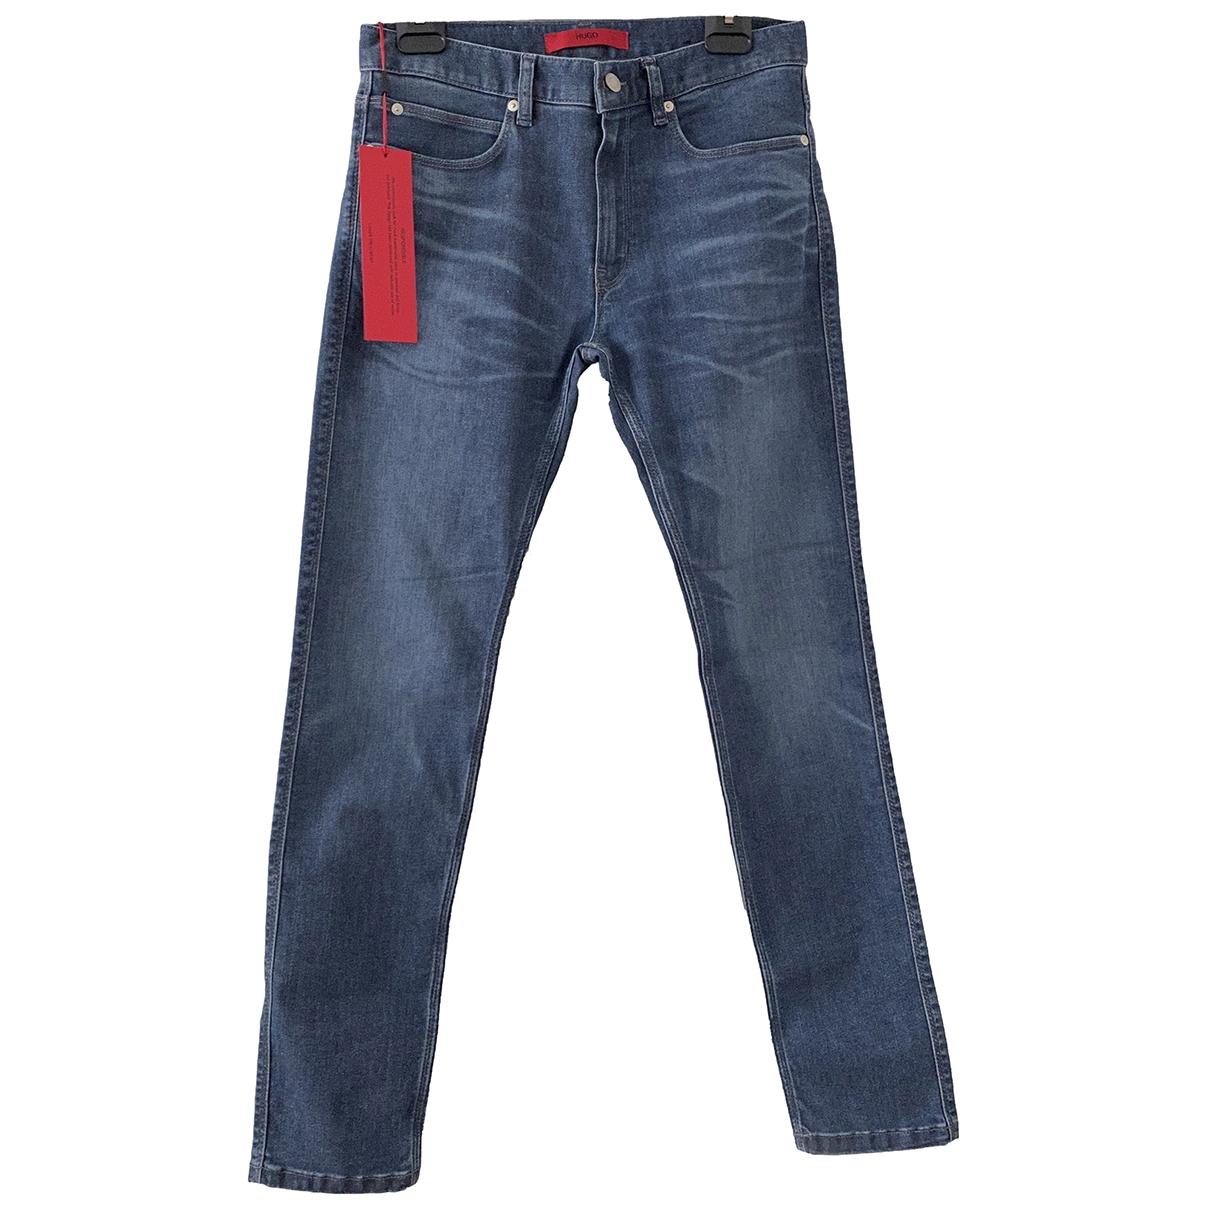 Hugo Boss \N Trousers for Men 32 UK - US